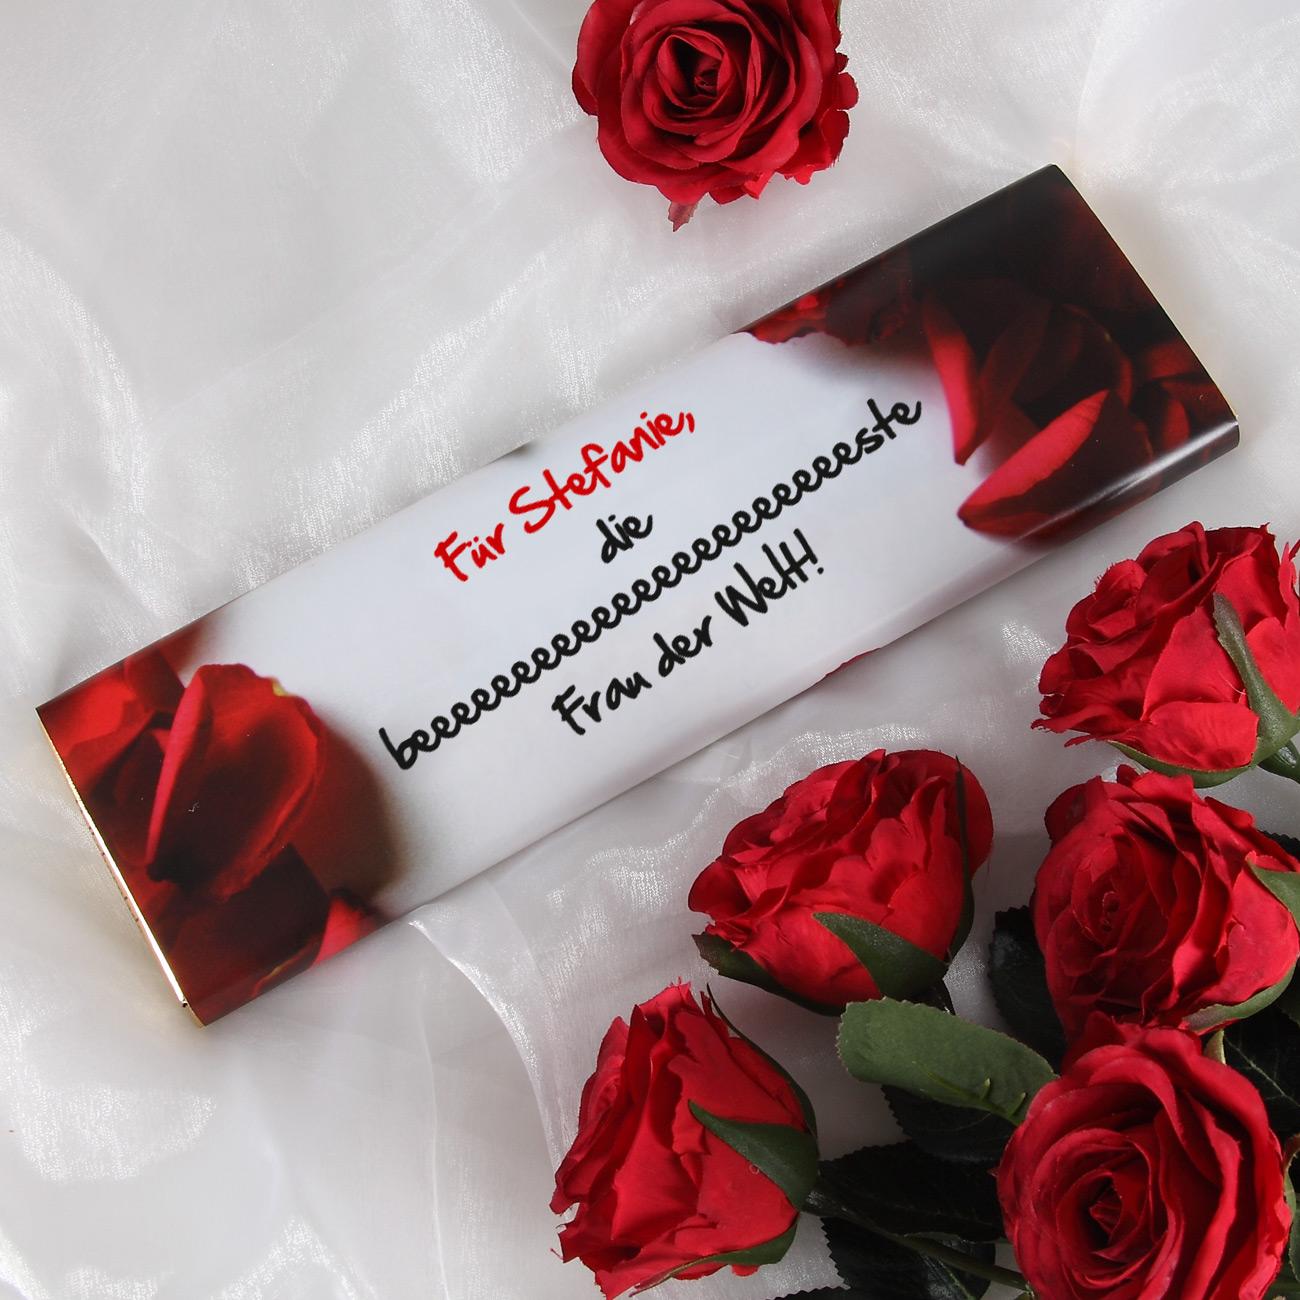 gro e schokolade liebesbotschaft zum valentinstag f r. Black Bedroom Furniture Sets. Home Design Ideas